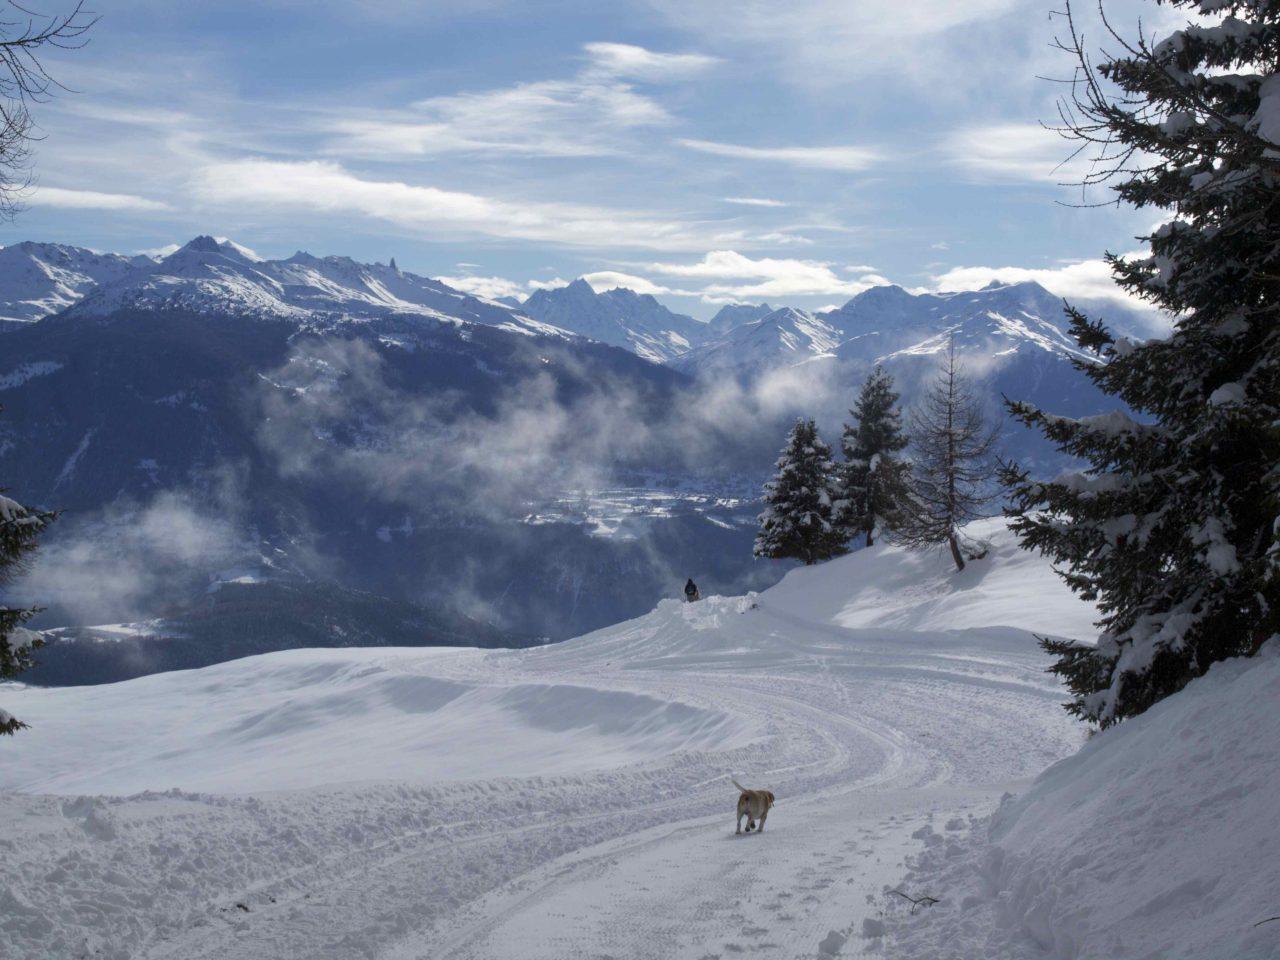 Visit Switzerland in Winter | 11 Insider Budget Tips